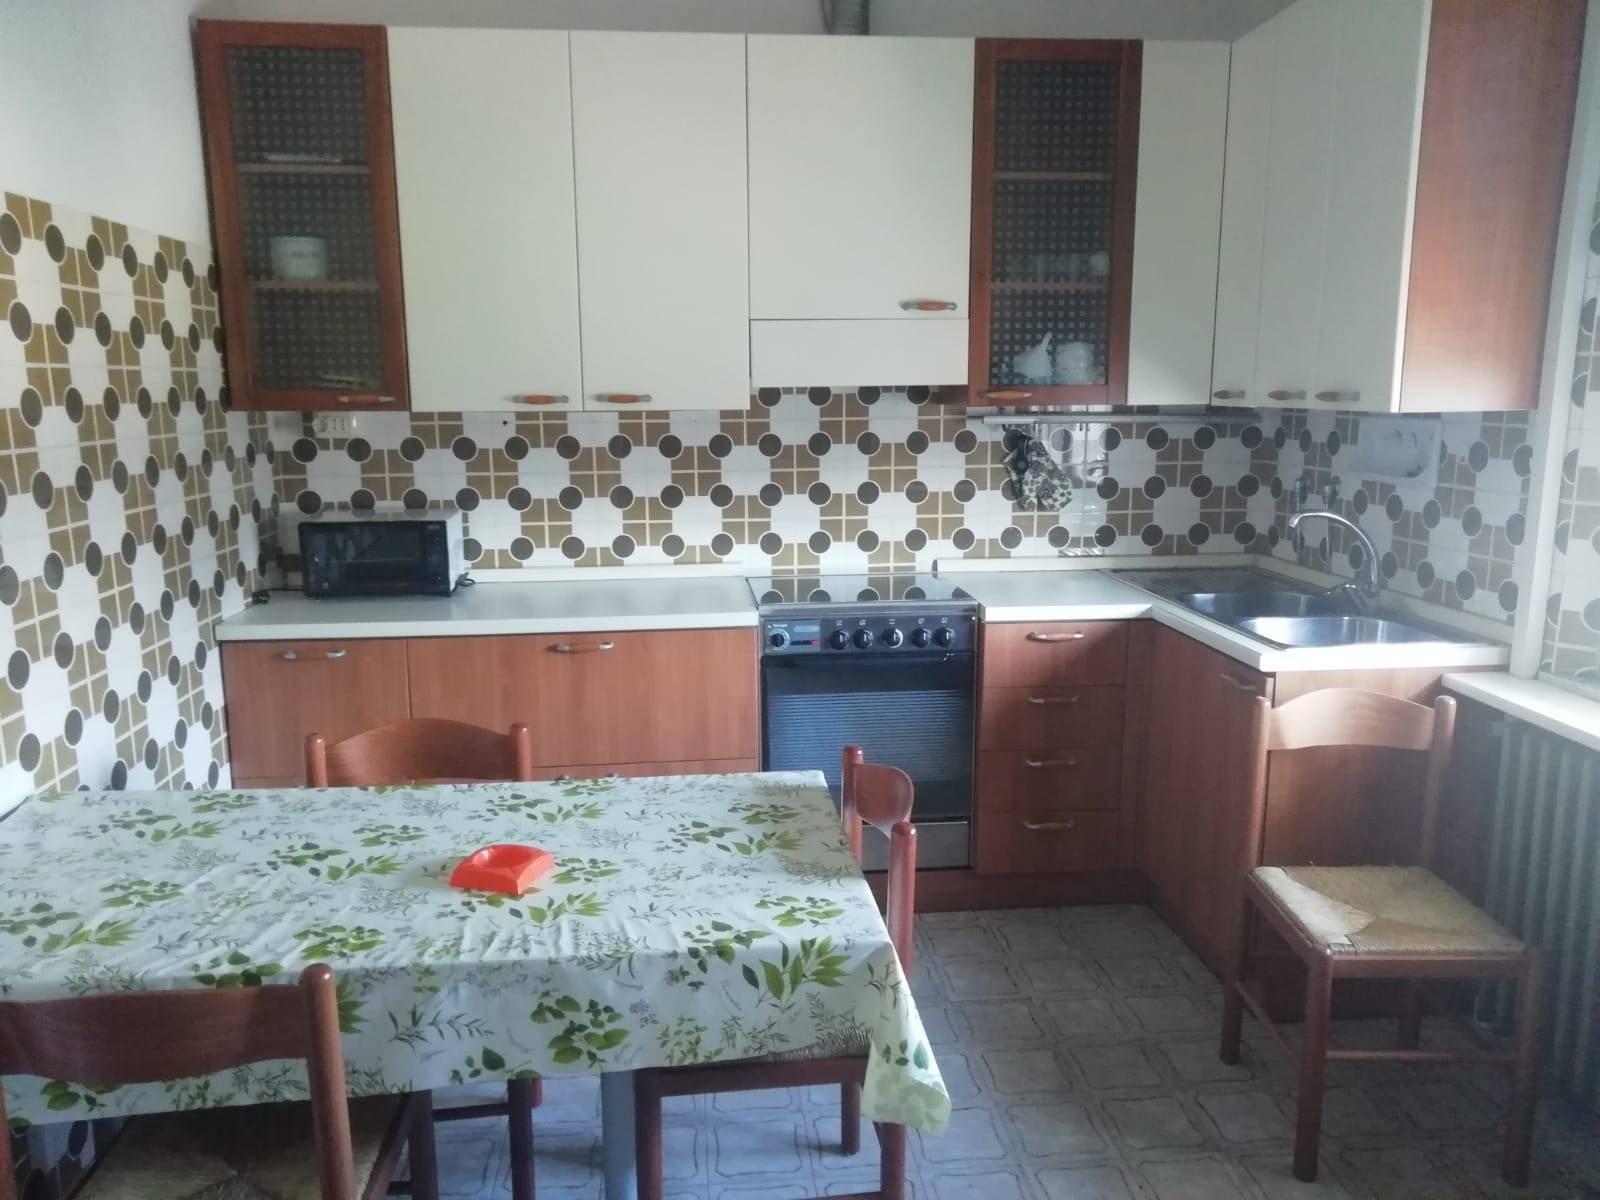 Appartamento in affitto a Bellaria Igea Marina, 3 locali, zona Località: Bellaria-igeaMarina, prezzo € 800 | CambioCasa.it